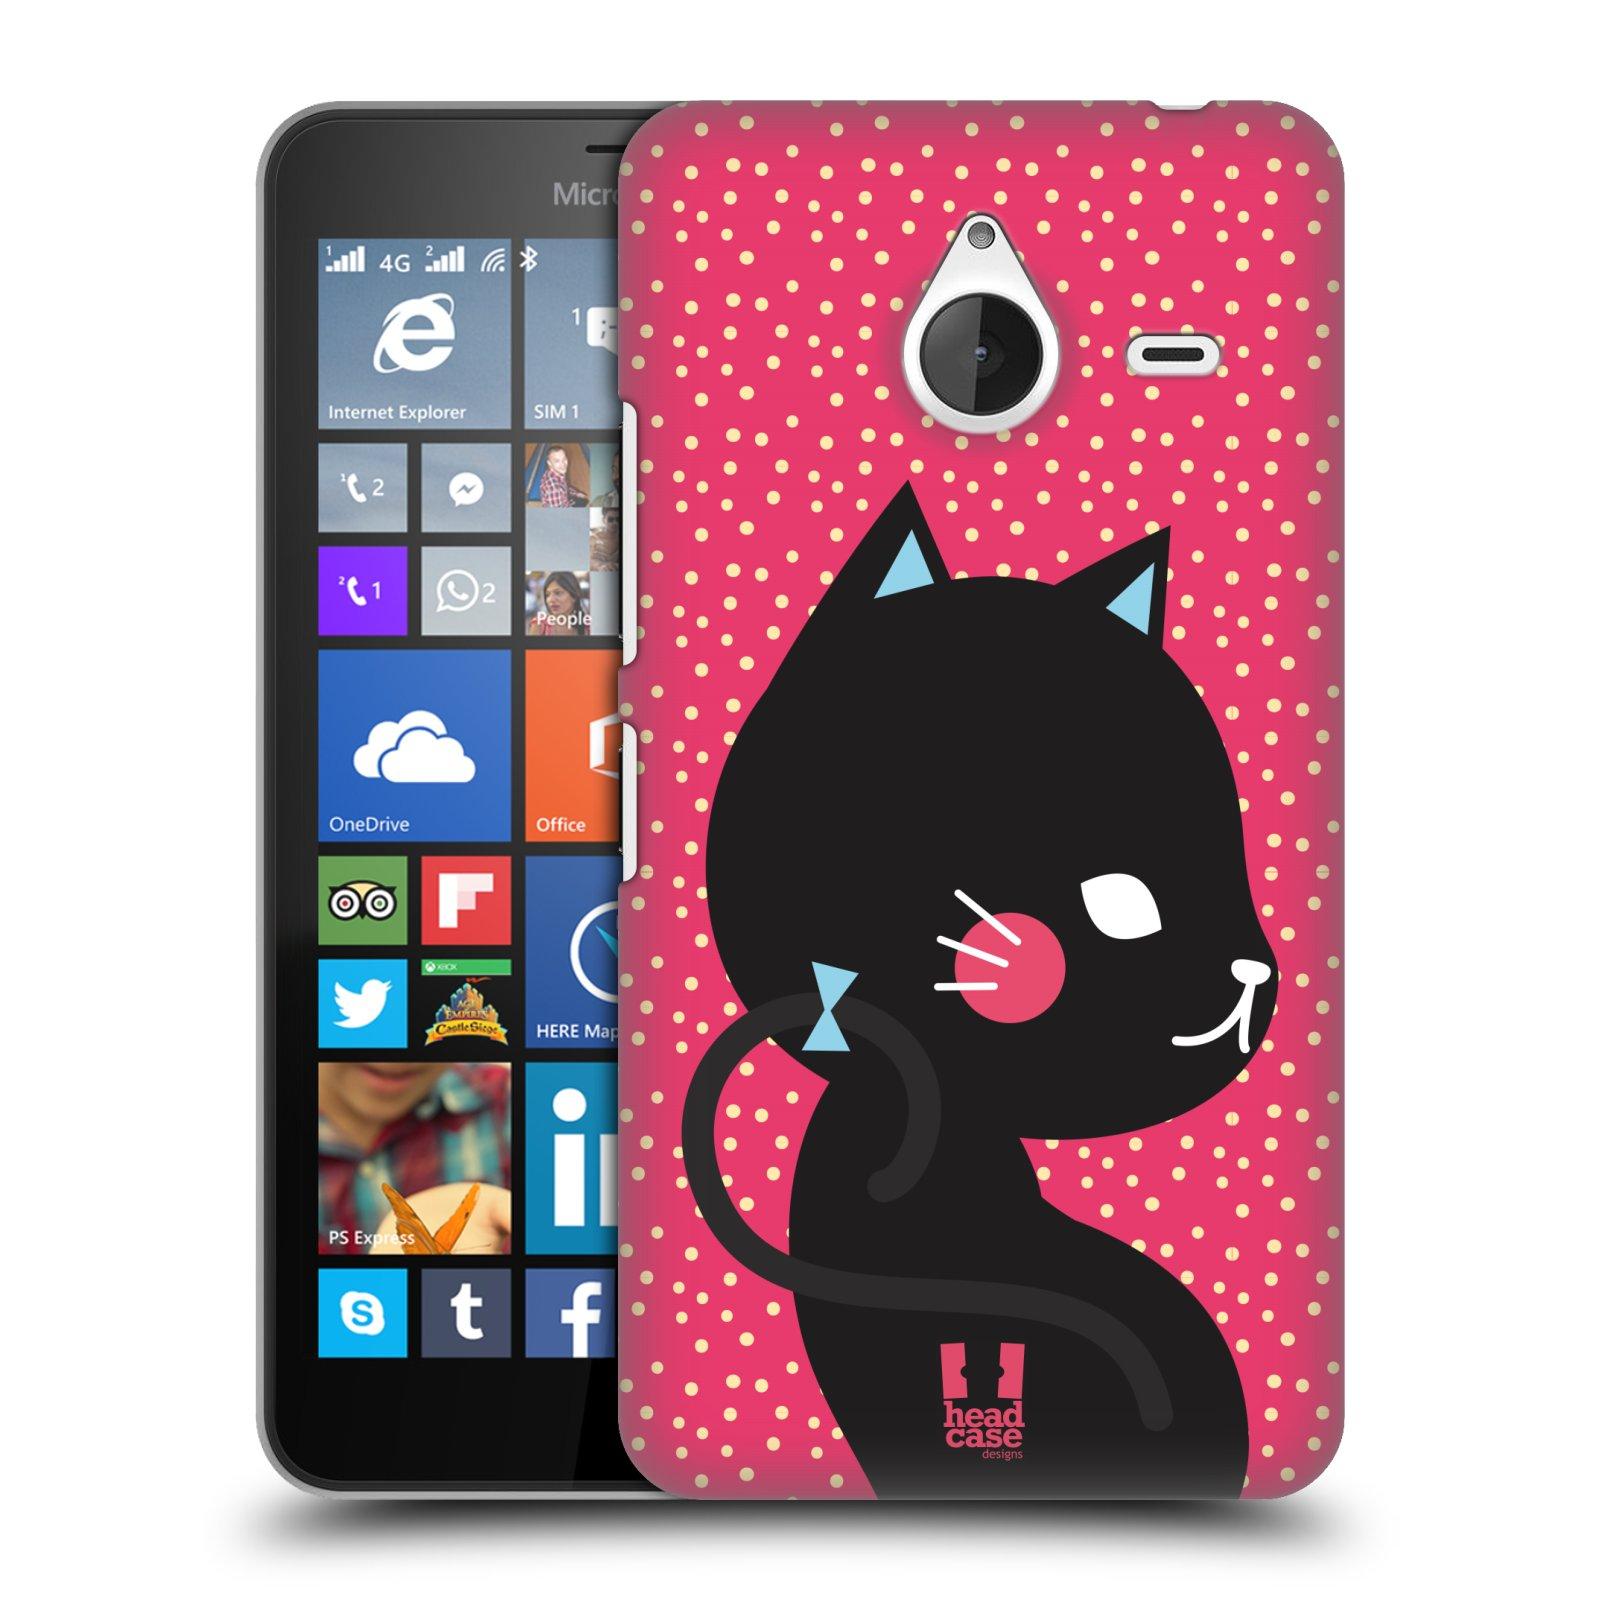 Plastové pouzdro na mobil Microsoft Lumia 640 XL HEAD CASE KOČIČKA ČERNÁ NA RŮŽOVÉ (Kryt či obal na mobilní telefon Microsoft Lumia 640 XL)